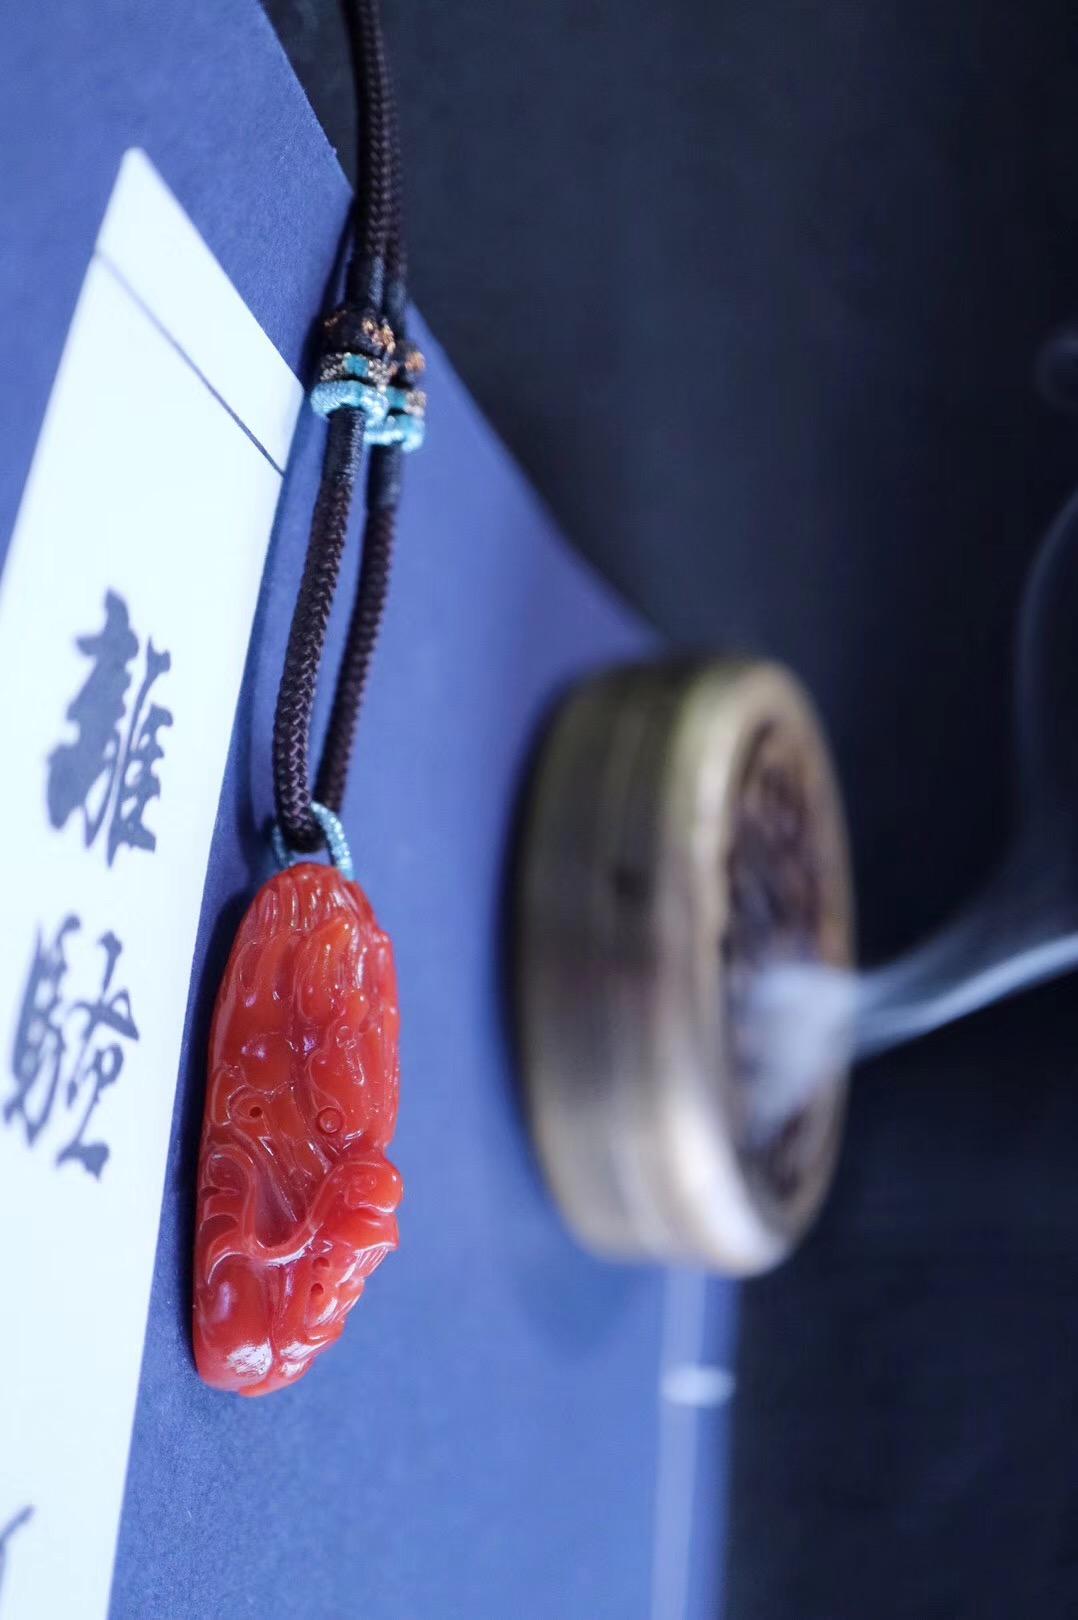 【保山南红&神龙】如此红润,且得且珍惜-菩心晶舍